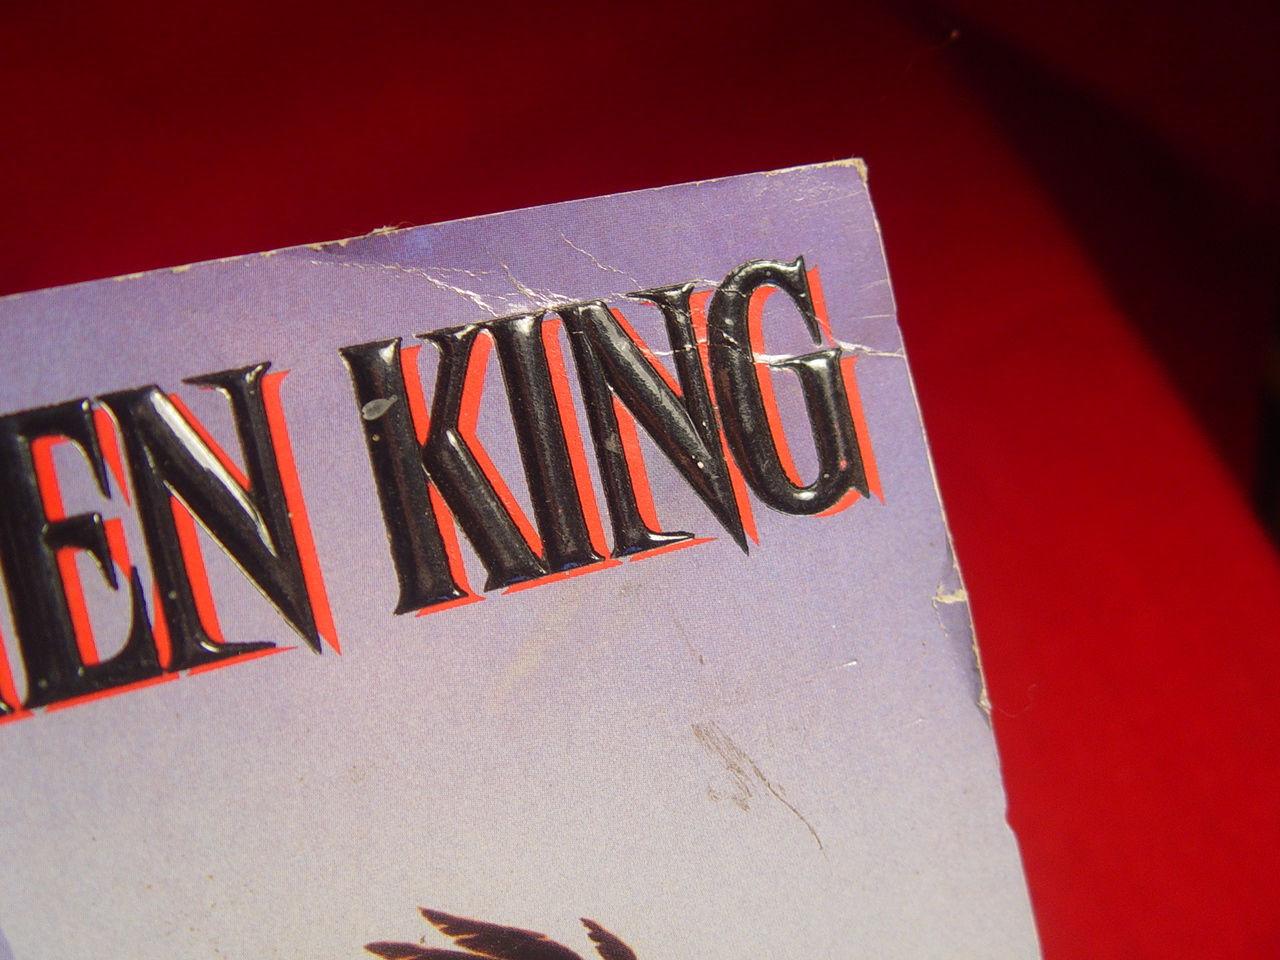 Stephen King DARK TOWER I, THE GUNSLINGER, 1988 1st Plume Edition